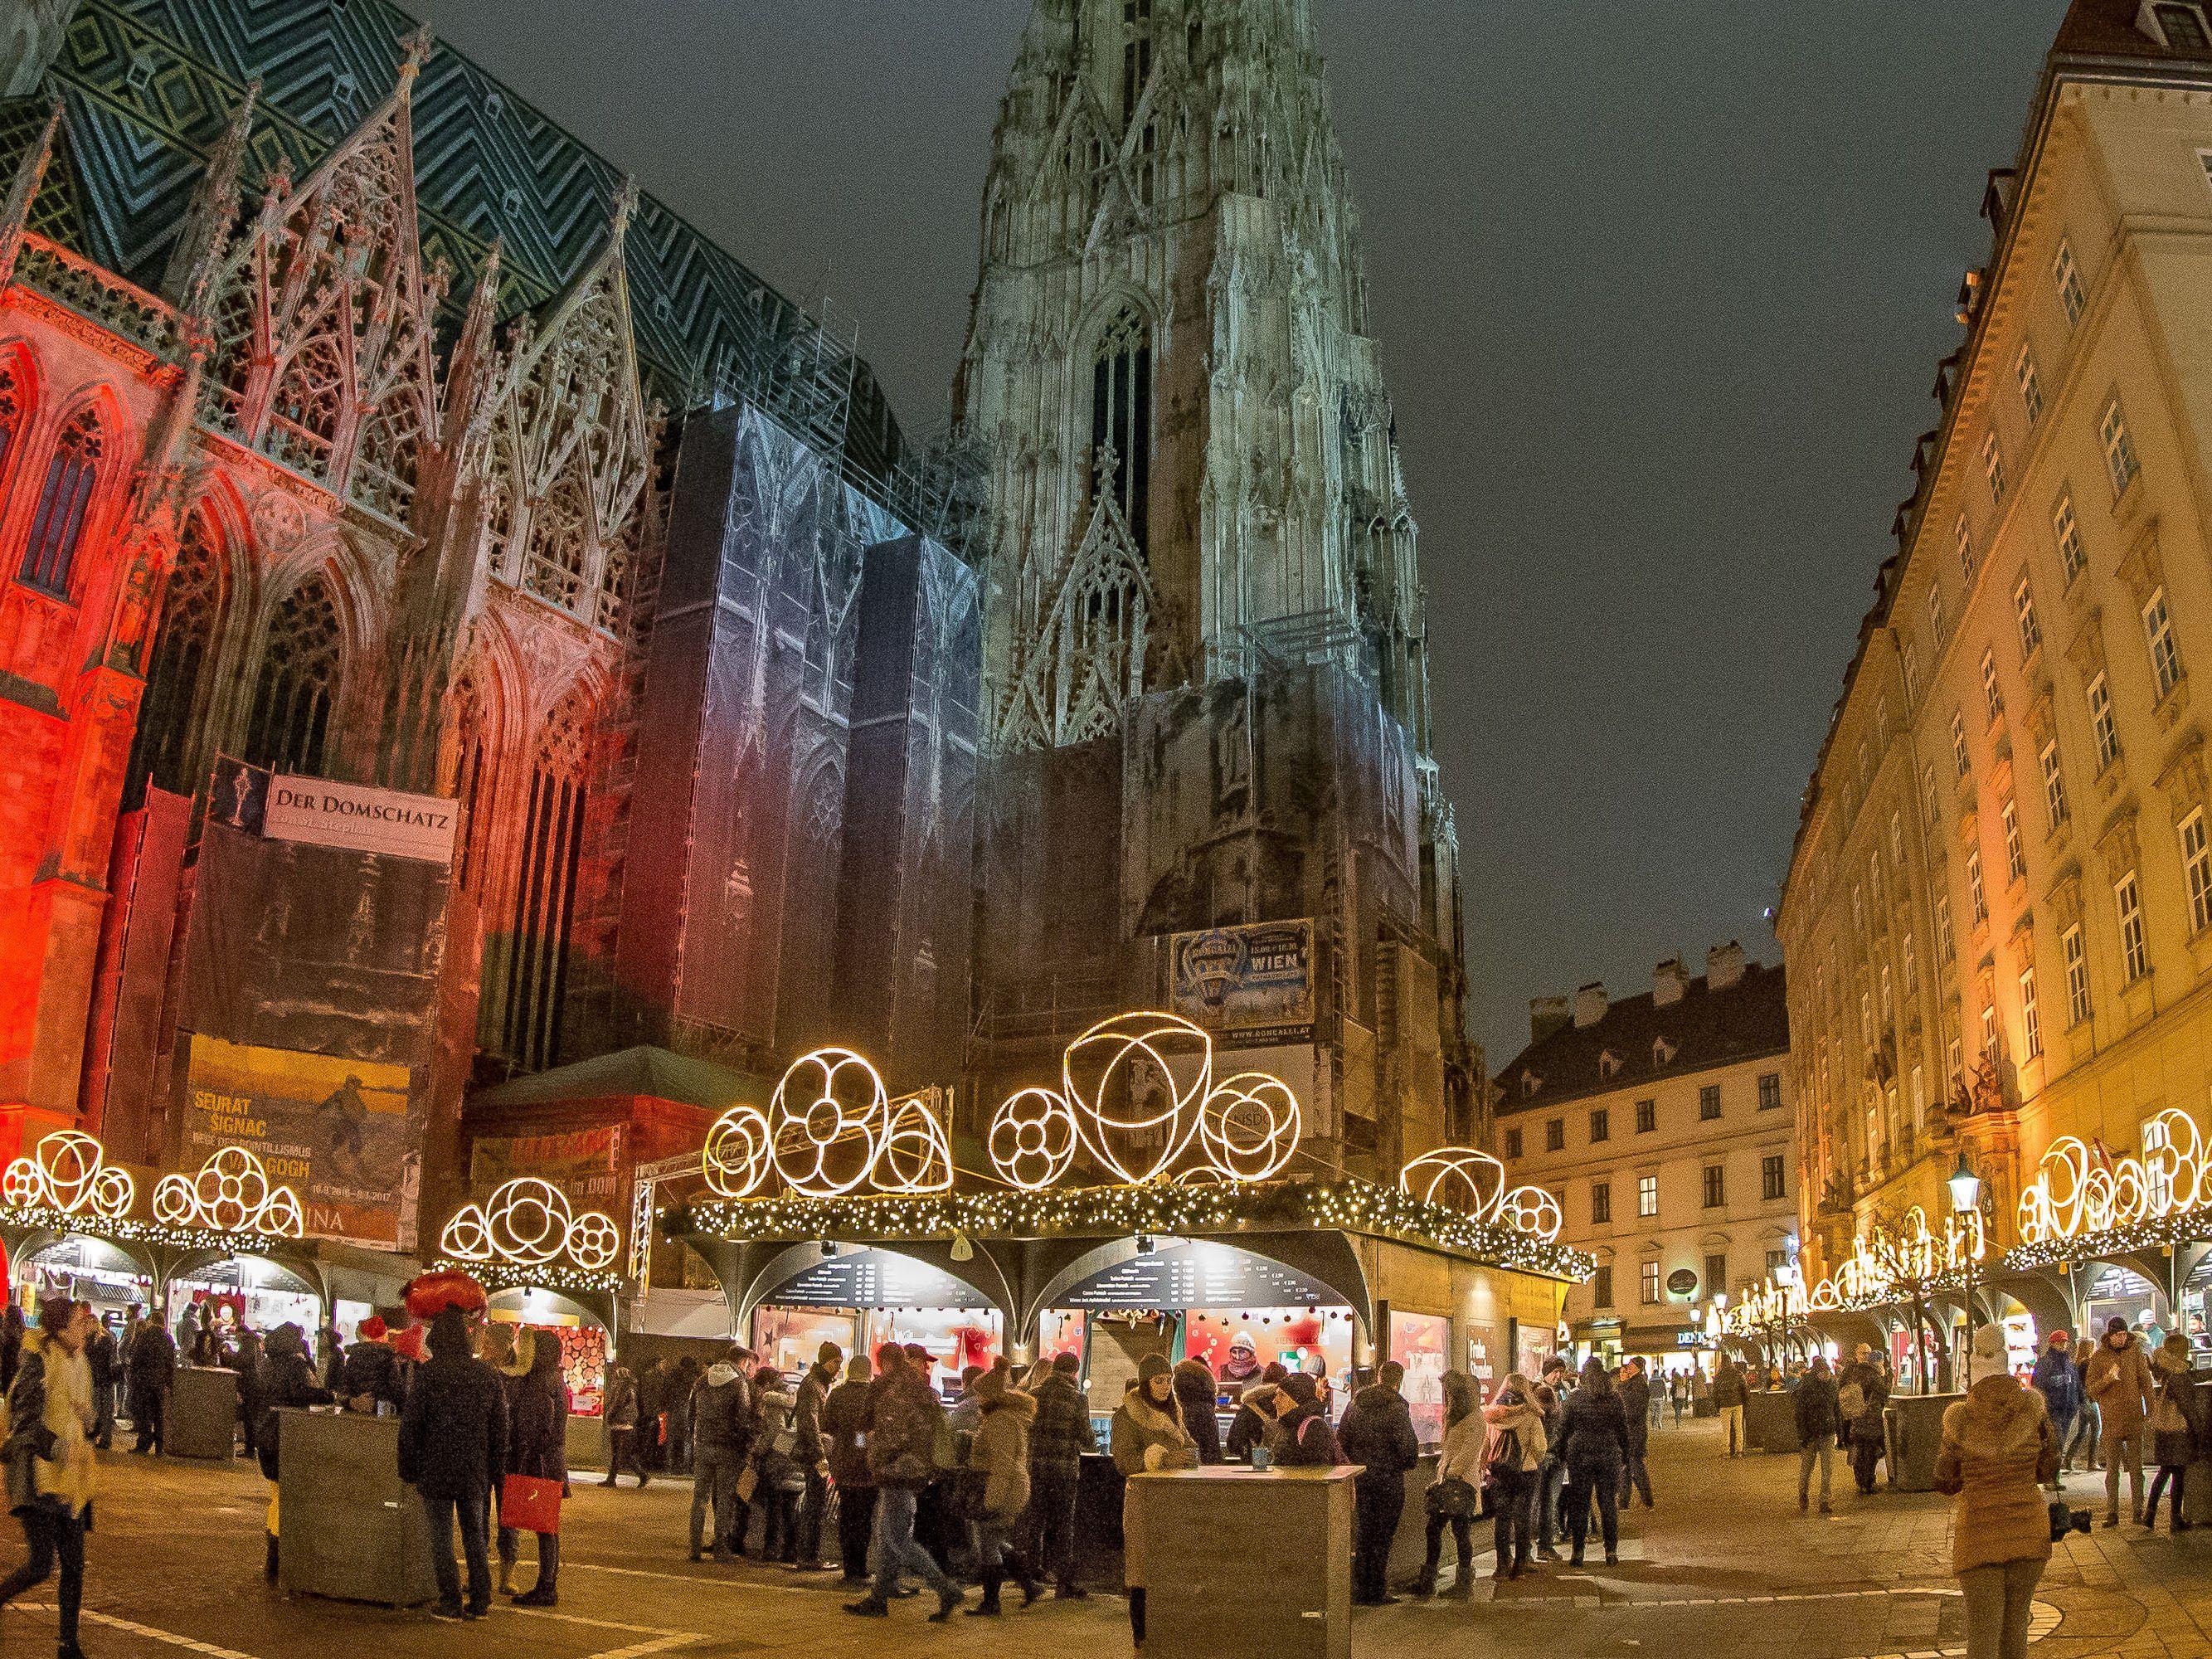 Weihnachtsmarkt Wien Eröffnung.Weihnachtsmarkt Am Wiener Stephansplatz 2017 Alle Infos Im